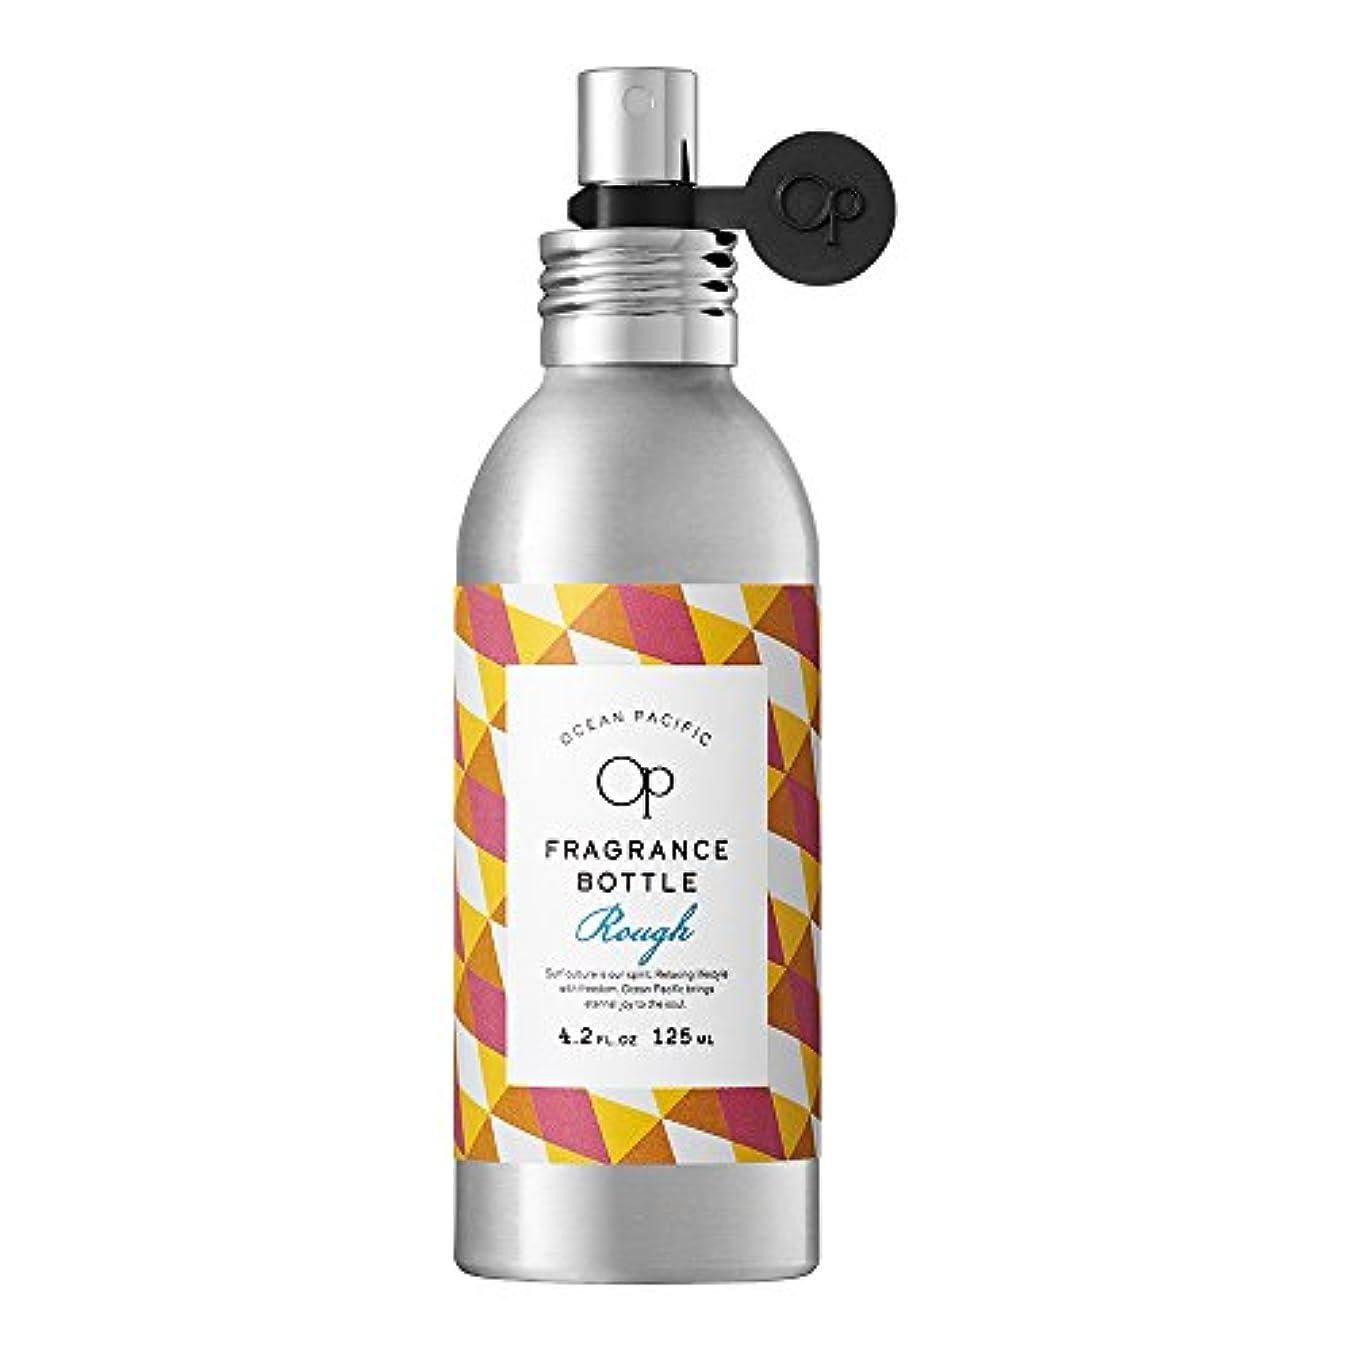 アクティブ著名な洗うオーシャンパシフィック  フレグランスボトル (ラフ) 125ml